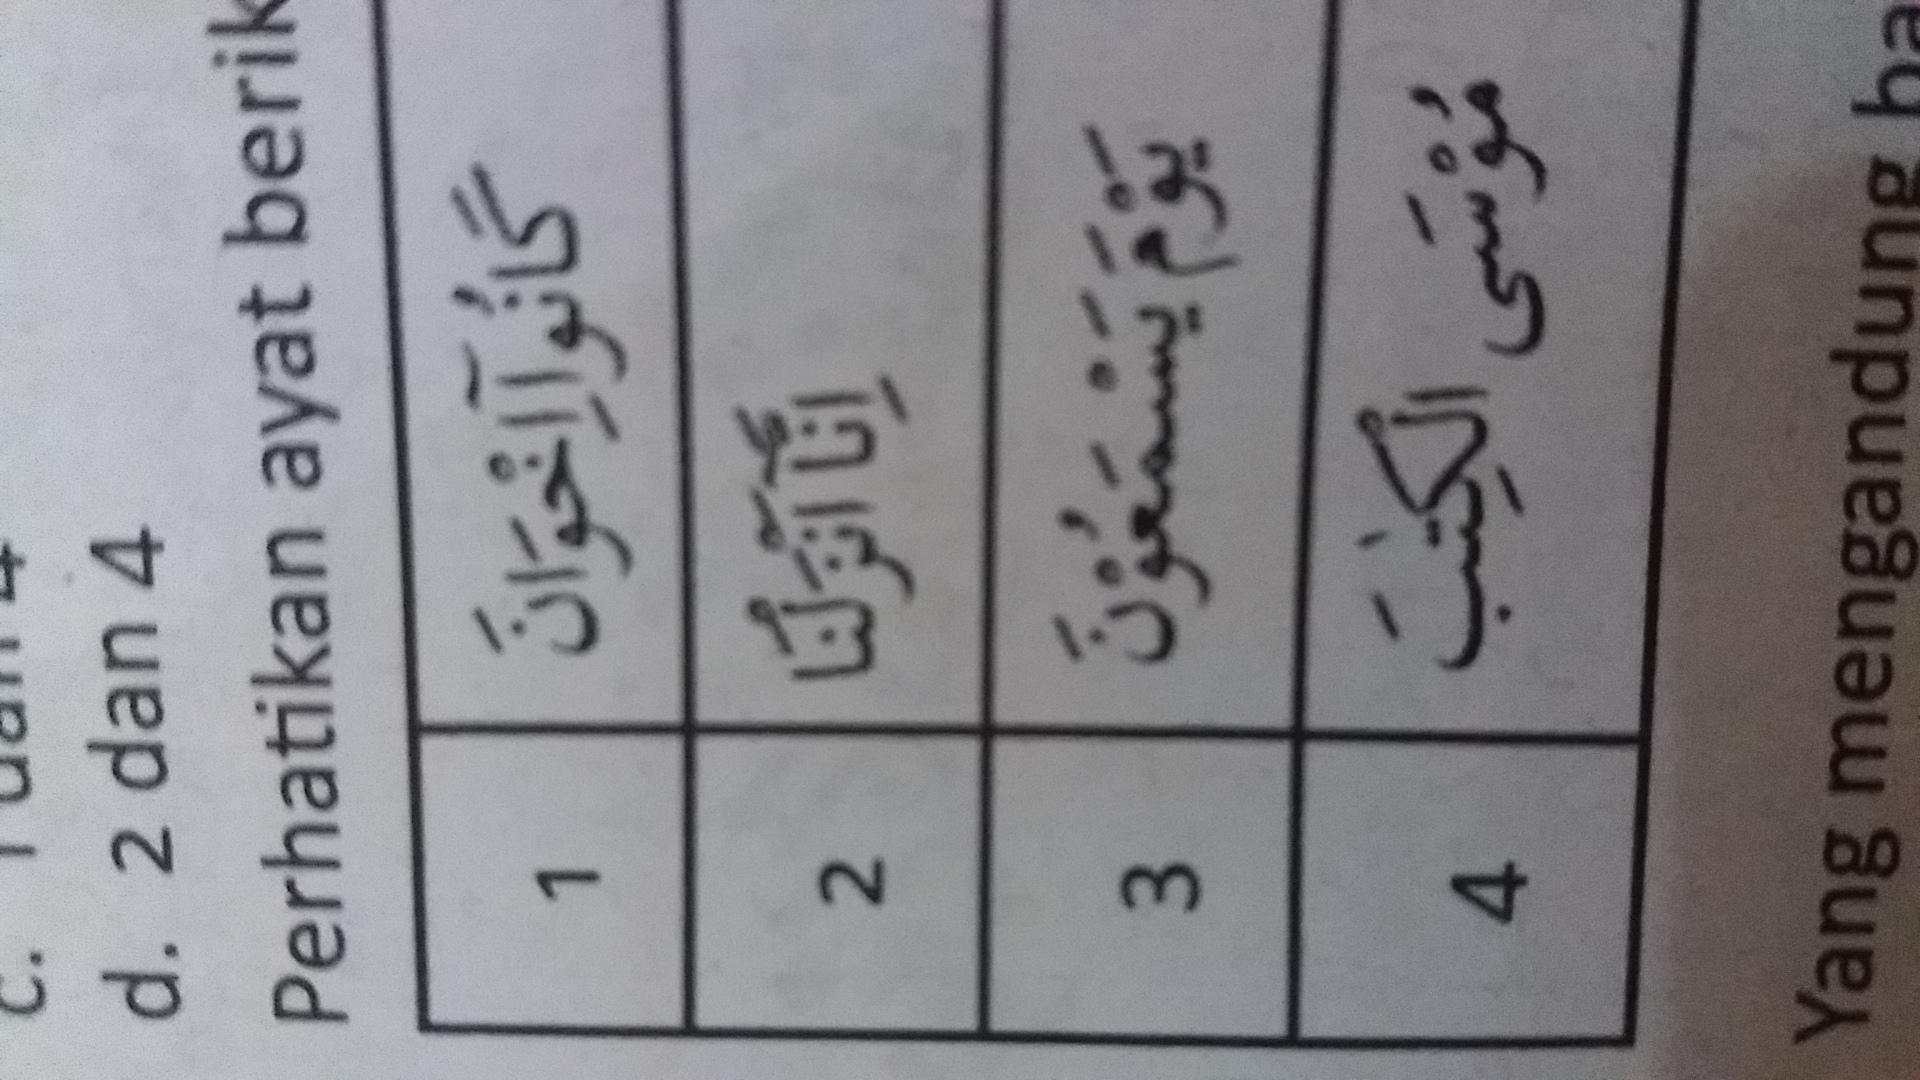 Mad Jaiz Munfashil Adalah : munfashil, adalah, Mengandung, Bacaan, Munfashil, Adalah.., Brainly.co.id